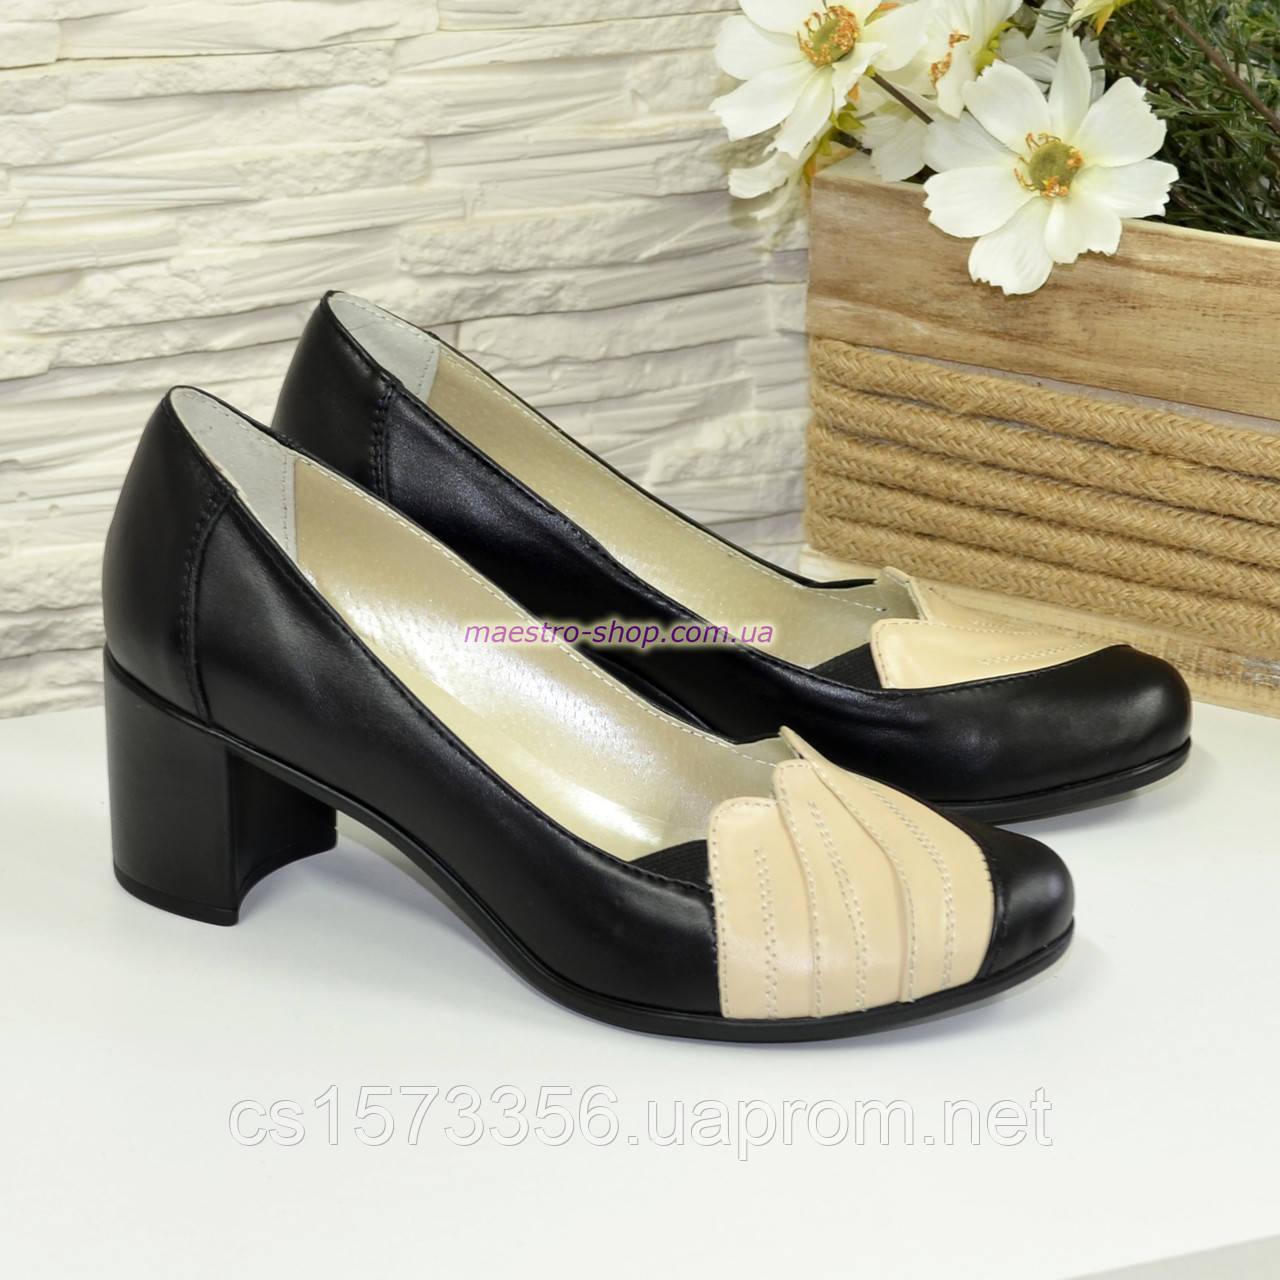 Туфли кожаные женские на каблуке с бежевой вставкой.